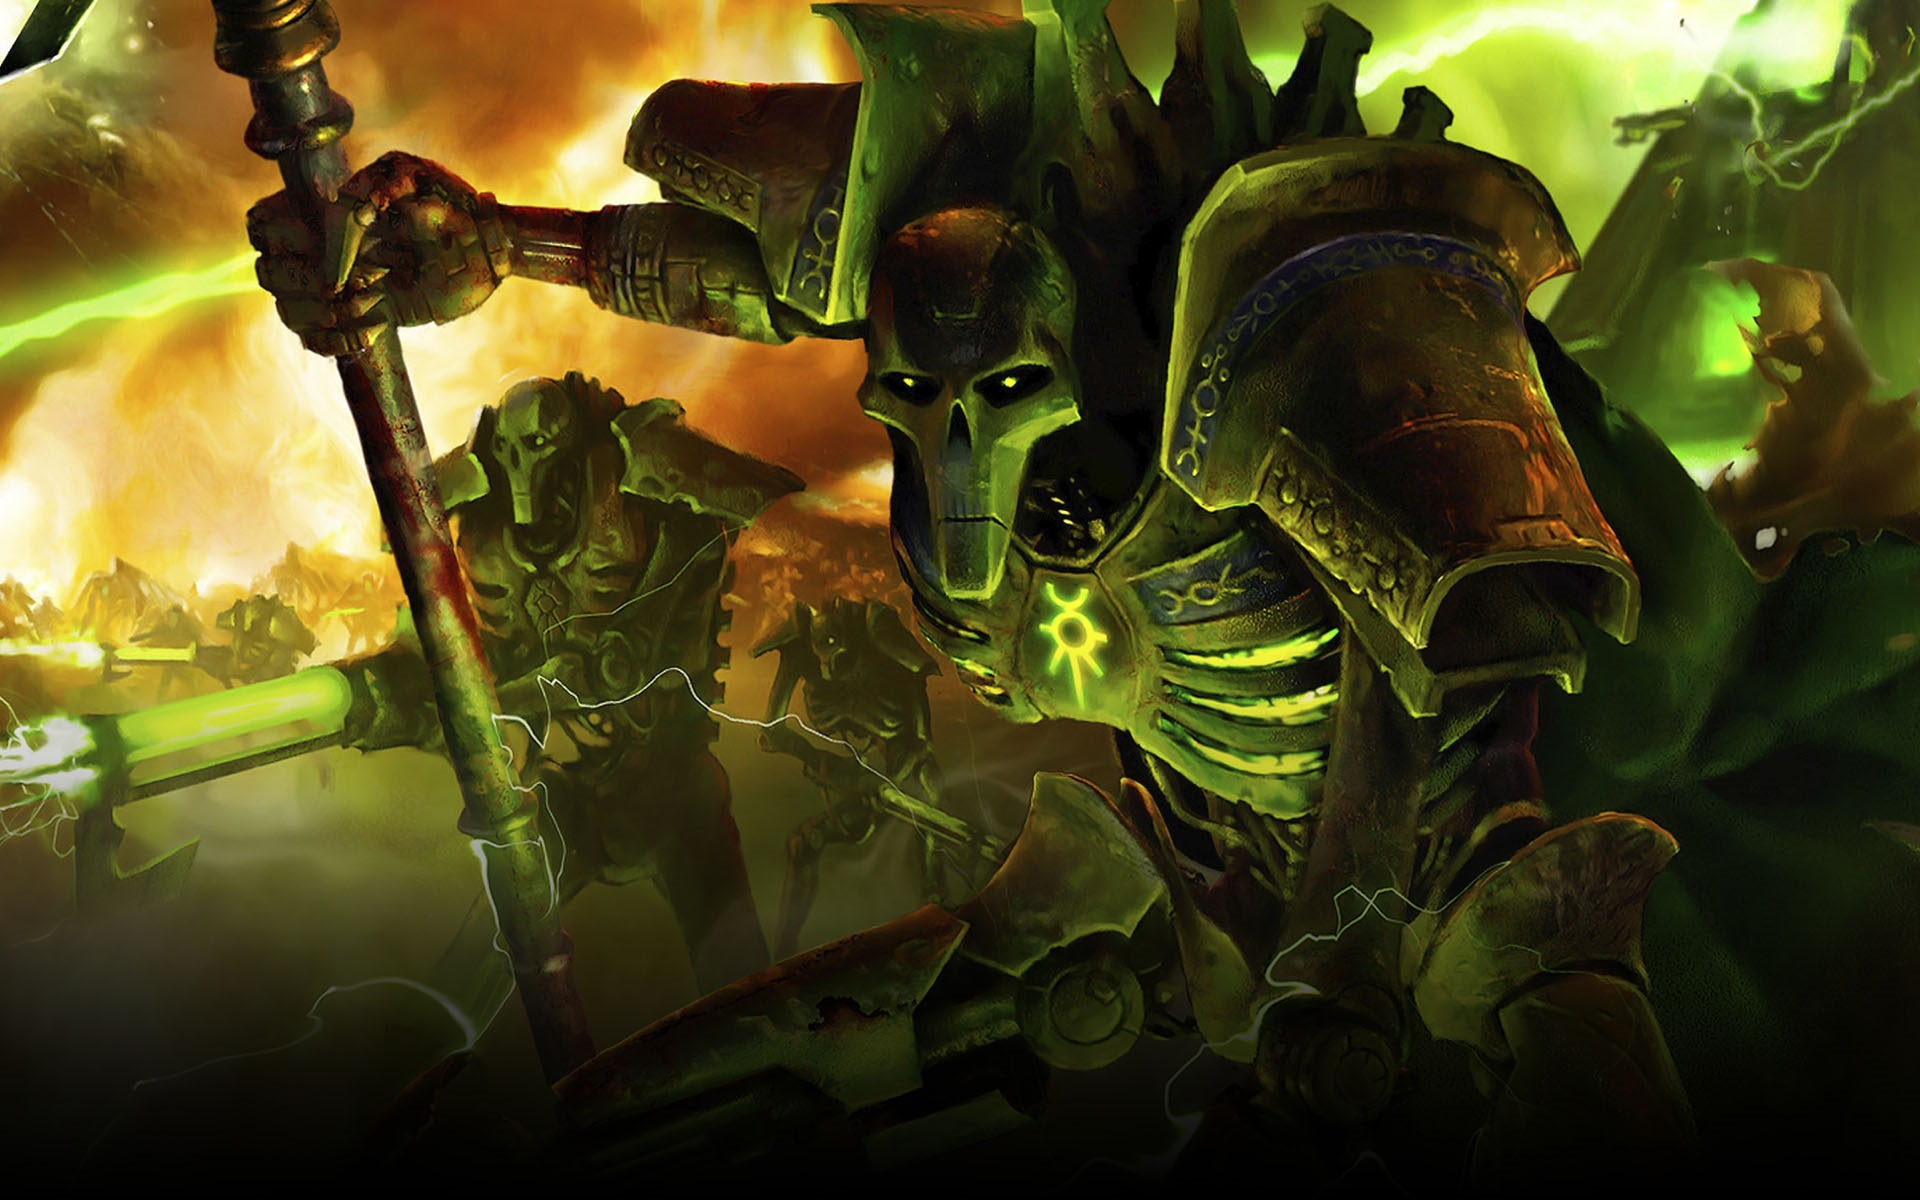 Опрос. Выбираем лучшие стратегии в реальном времени на ПК — от Warcraft 3 до WH40K: Dawn of War